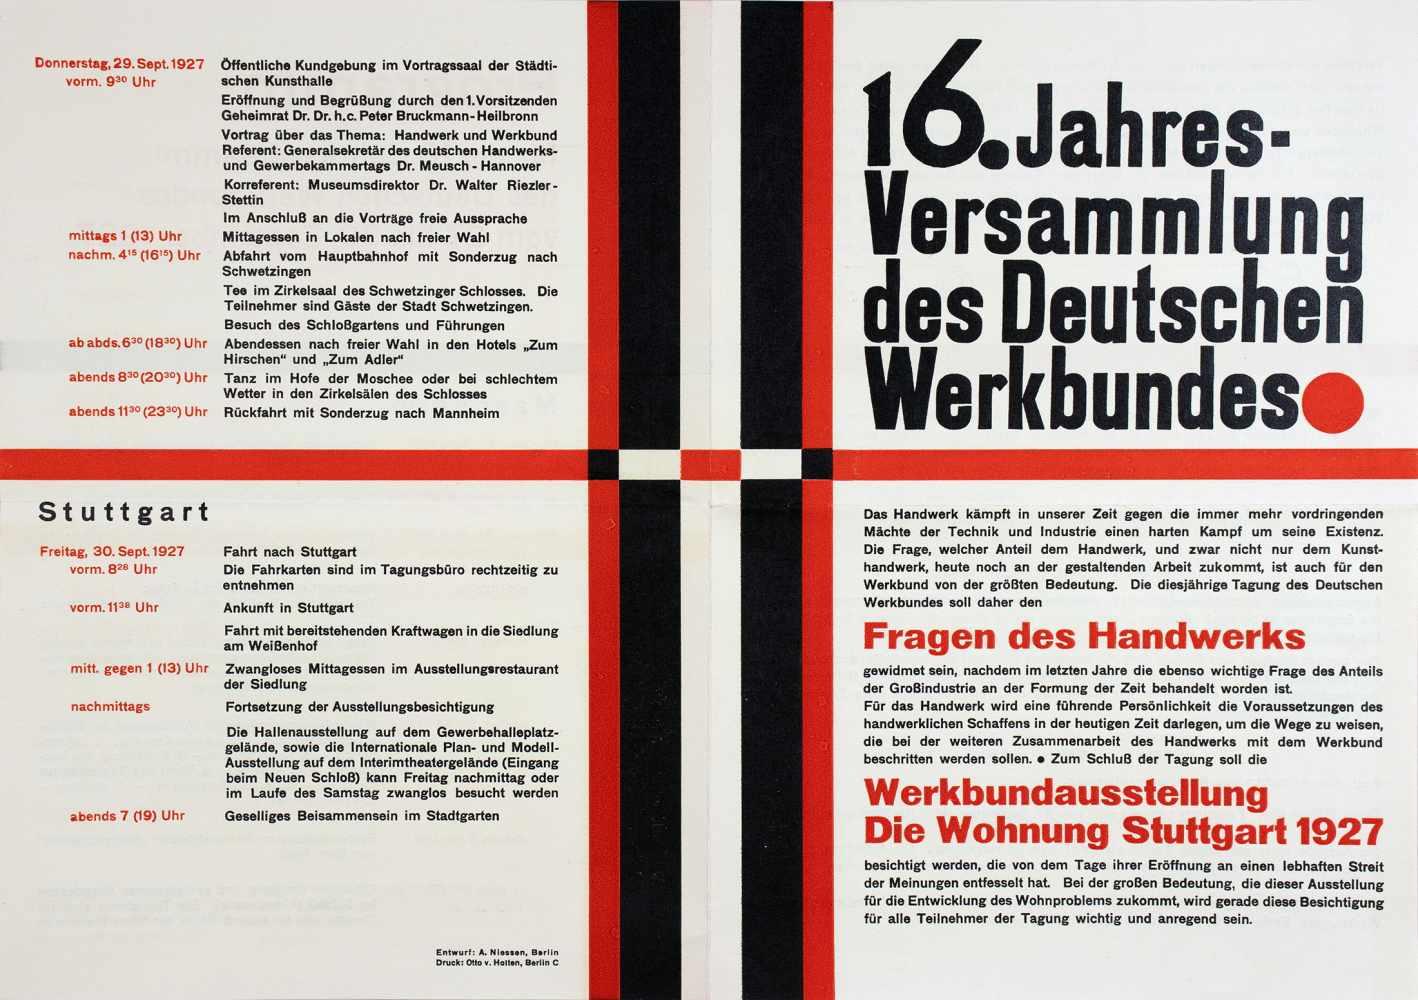 16. Jahresversammlung des Deutschen Werkbundes. Einladung und Programm. Doppelblatt. Zweifarbiger